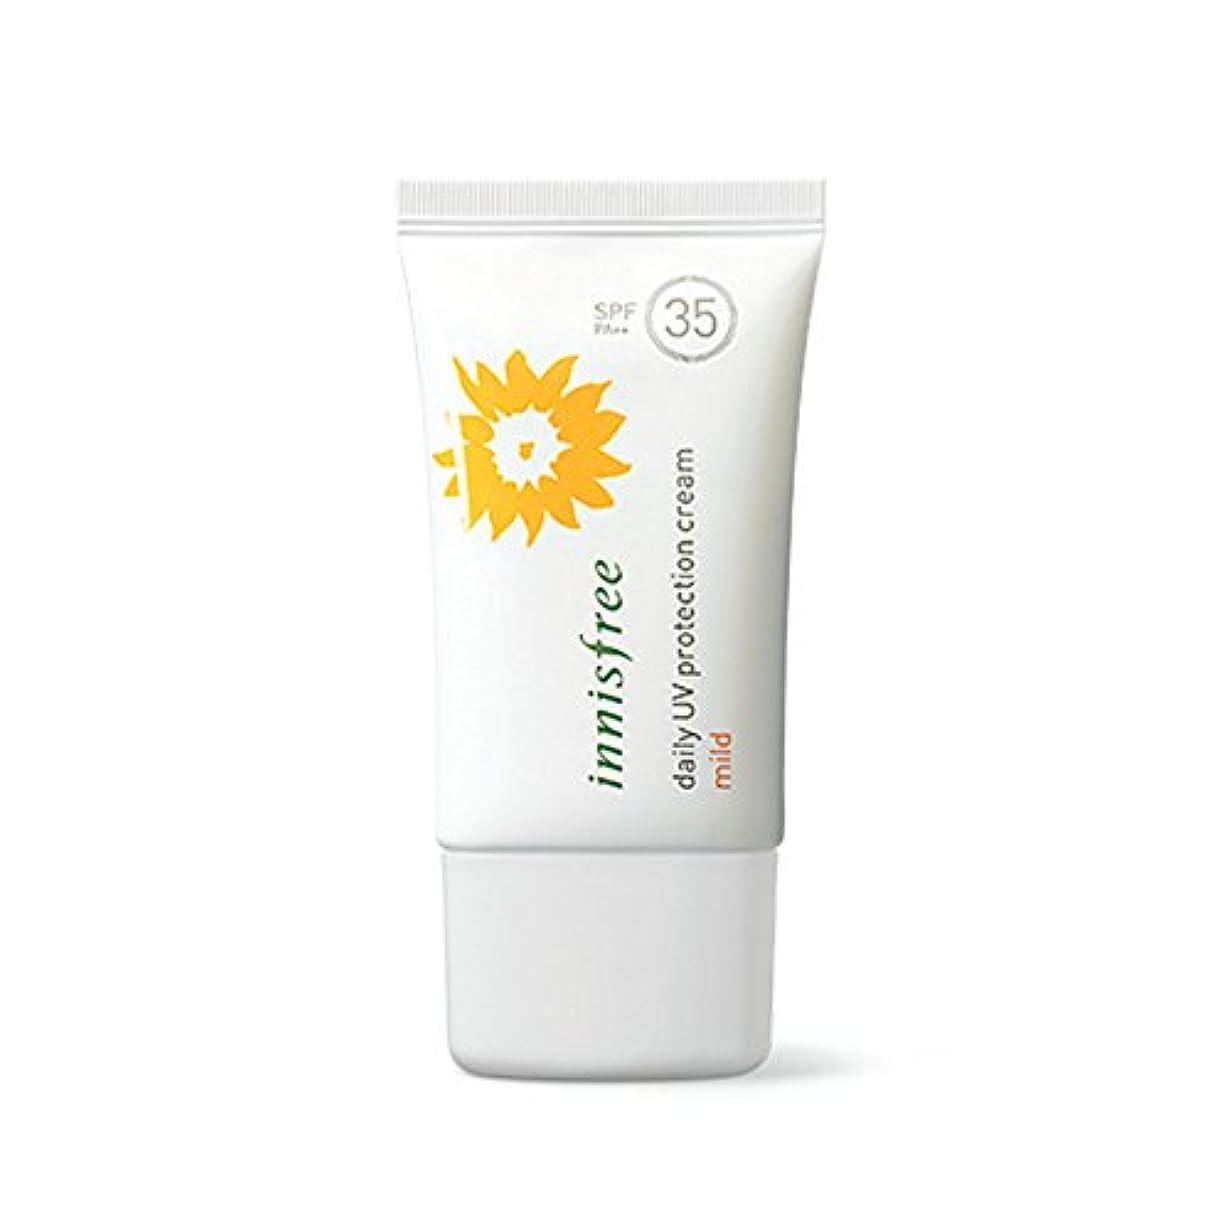 場所テザー固体イニスフリーデイリーUVプロテクションクリーム50mlマイルドSPF35 + PA ++ Innisfree Daily UV Protection Cream 50ml Mild SPF35+ PA++ [海外直送品]...